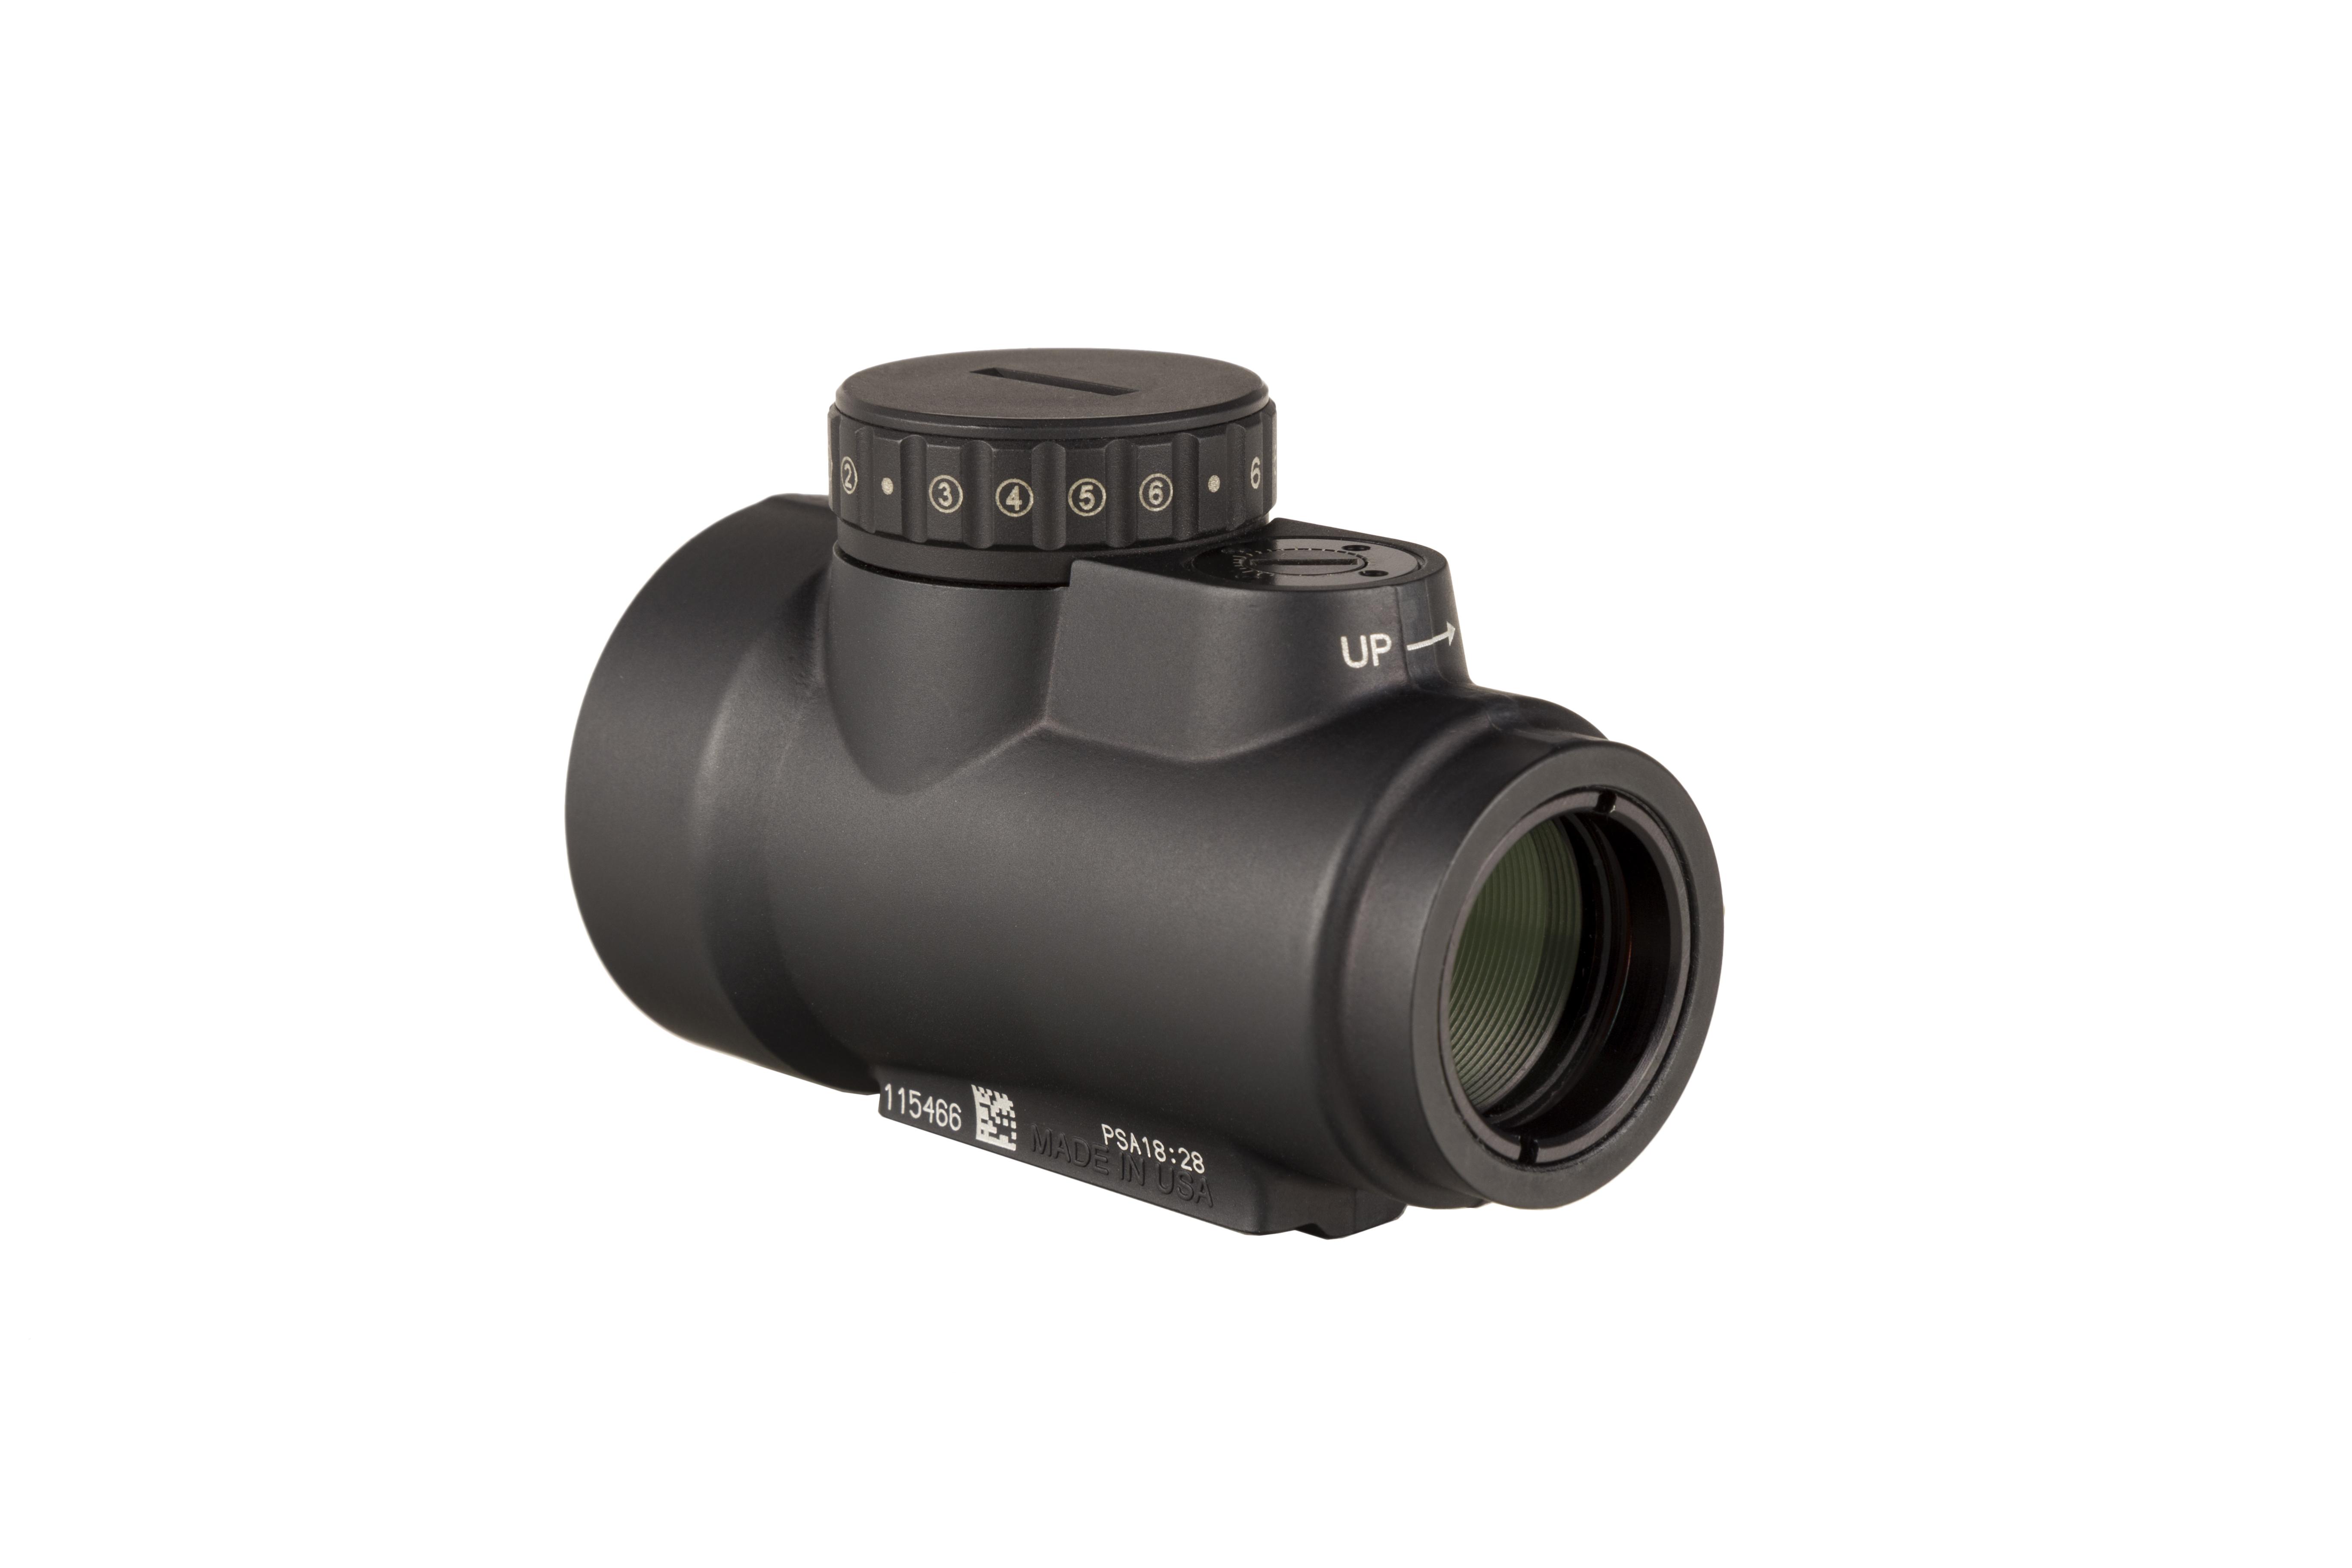 MRO-C-2200050 angle 3